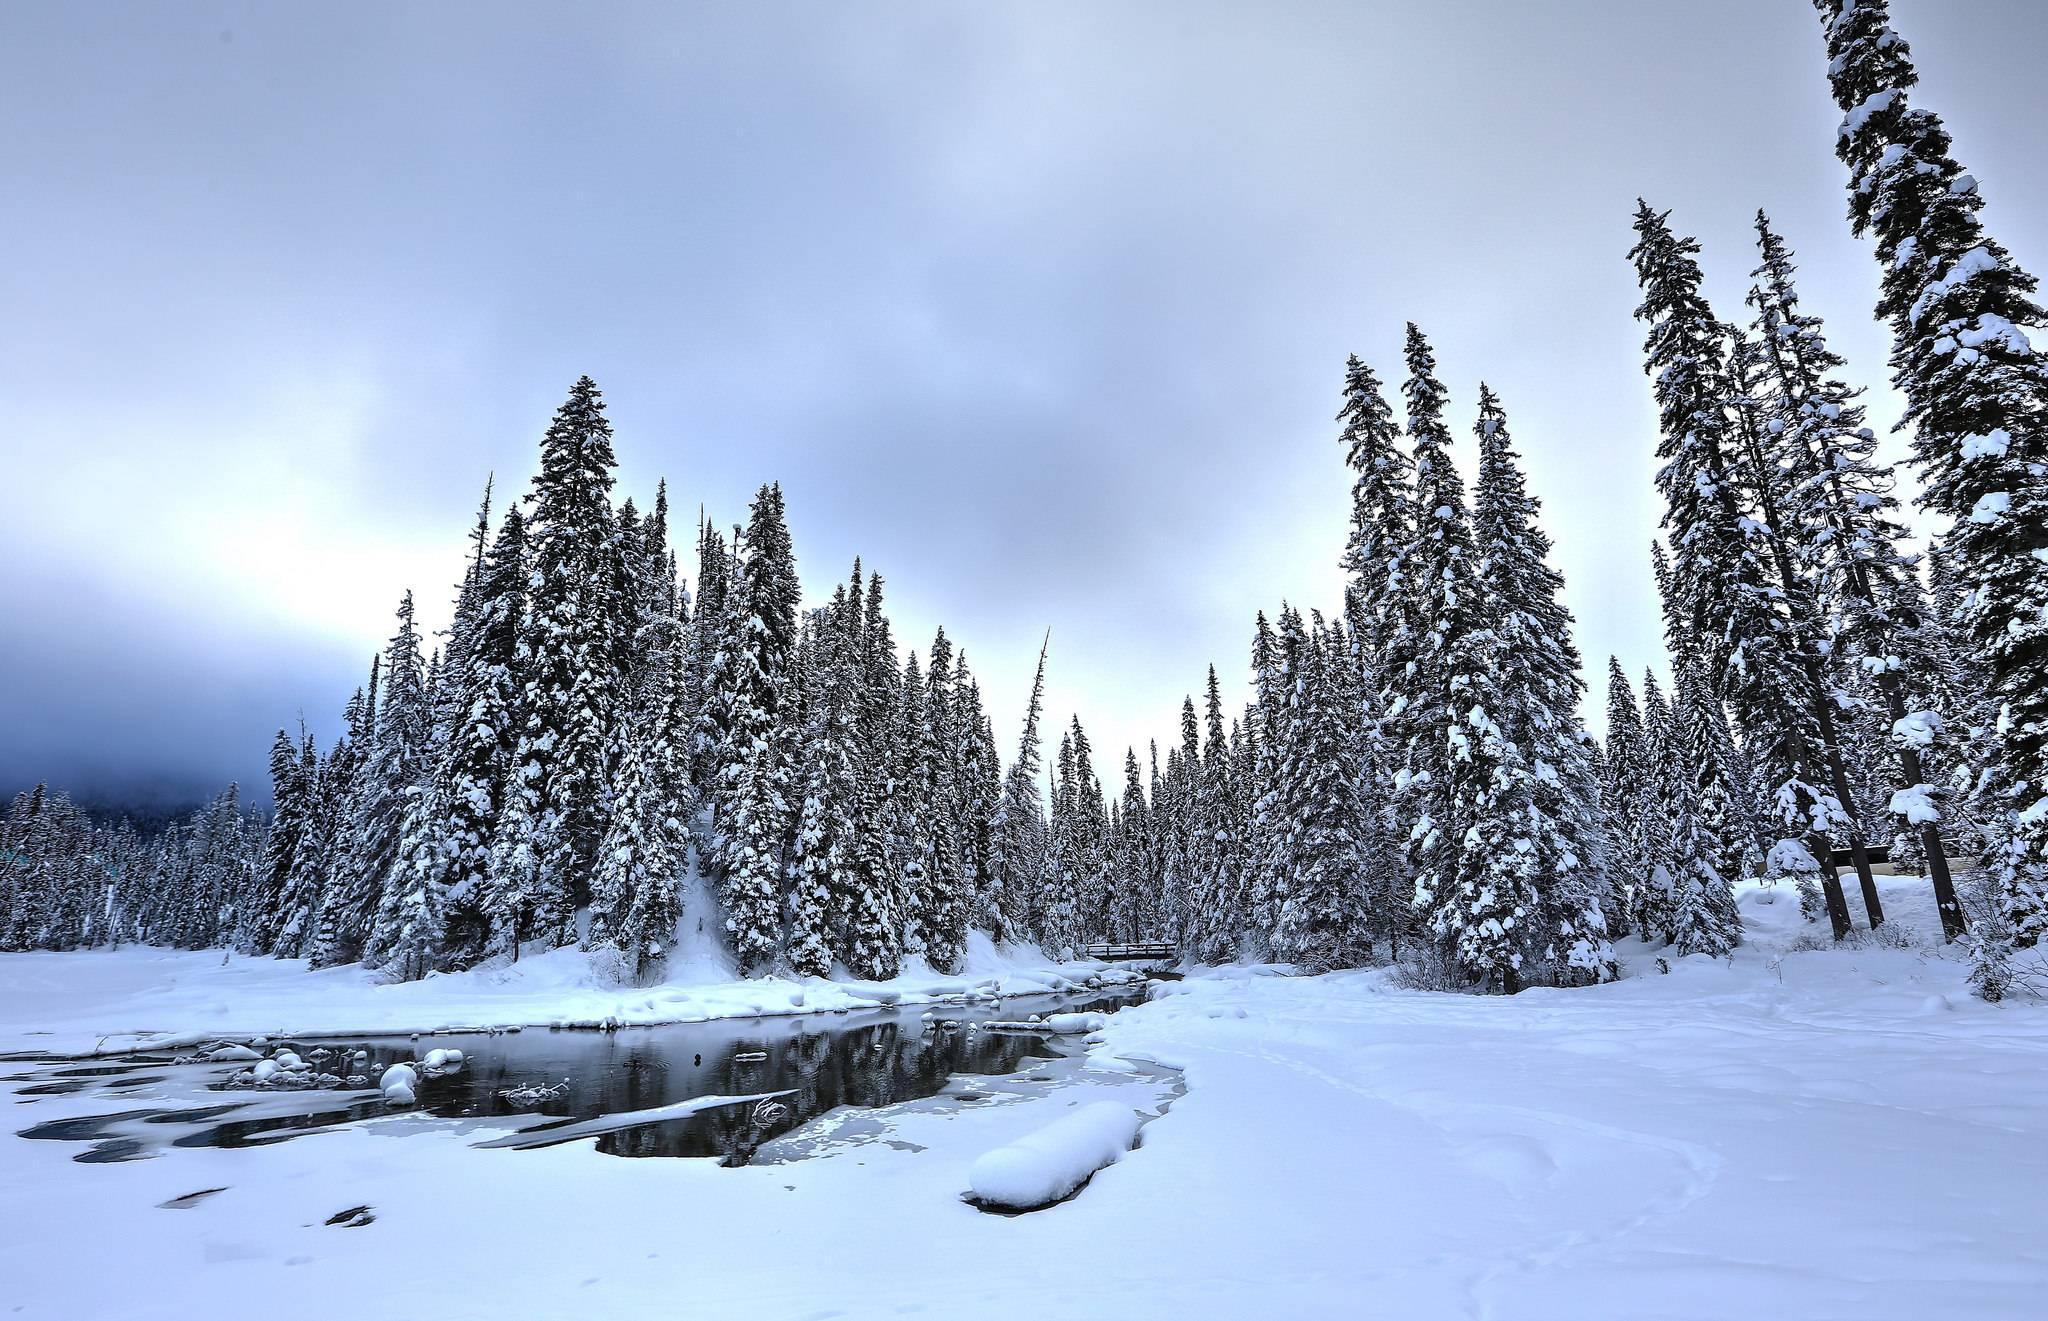 Изумрудное озеро, Национальный парк Йохо, Британская Колумбия